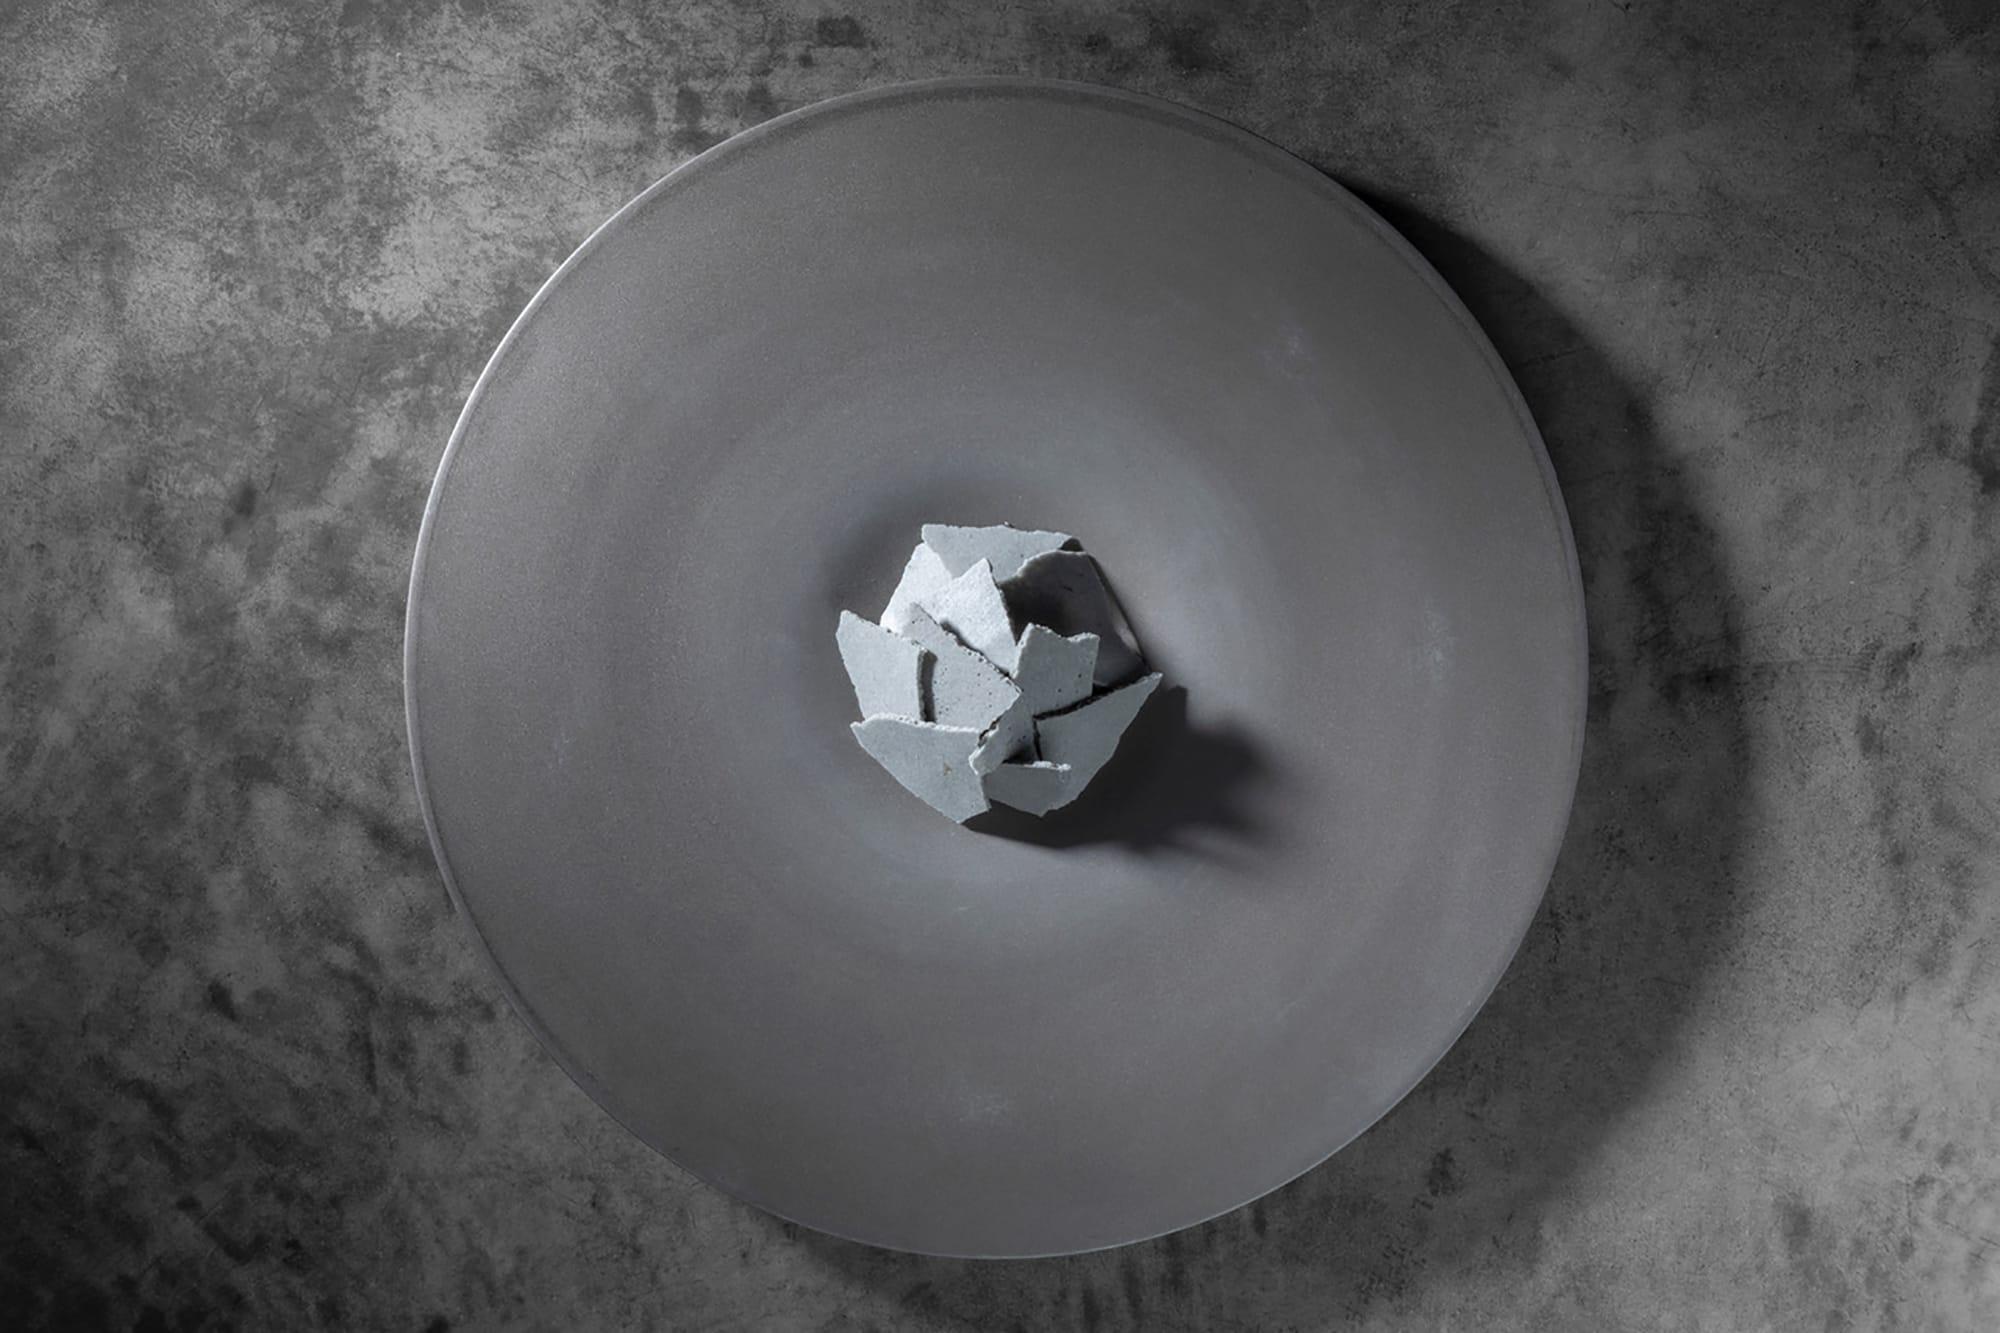 シグネチャーのひとつ「グレーの皿」。鰯のアラで作られたメレンゲを砕くと、中から尾崎牛の真っ赤な肉の色が。ビジュアルと味わいが一気に記憶に突き刺さる美味。